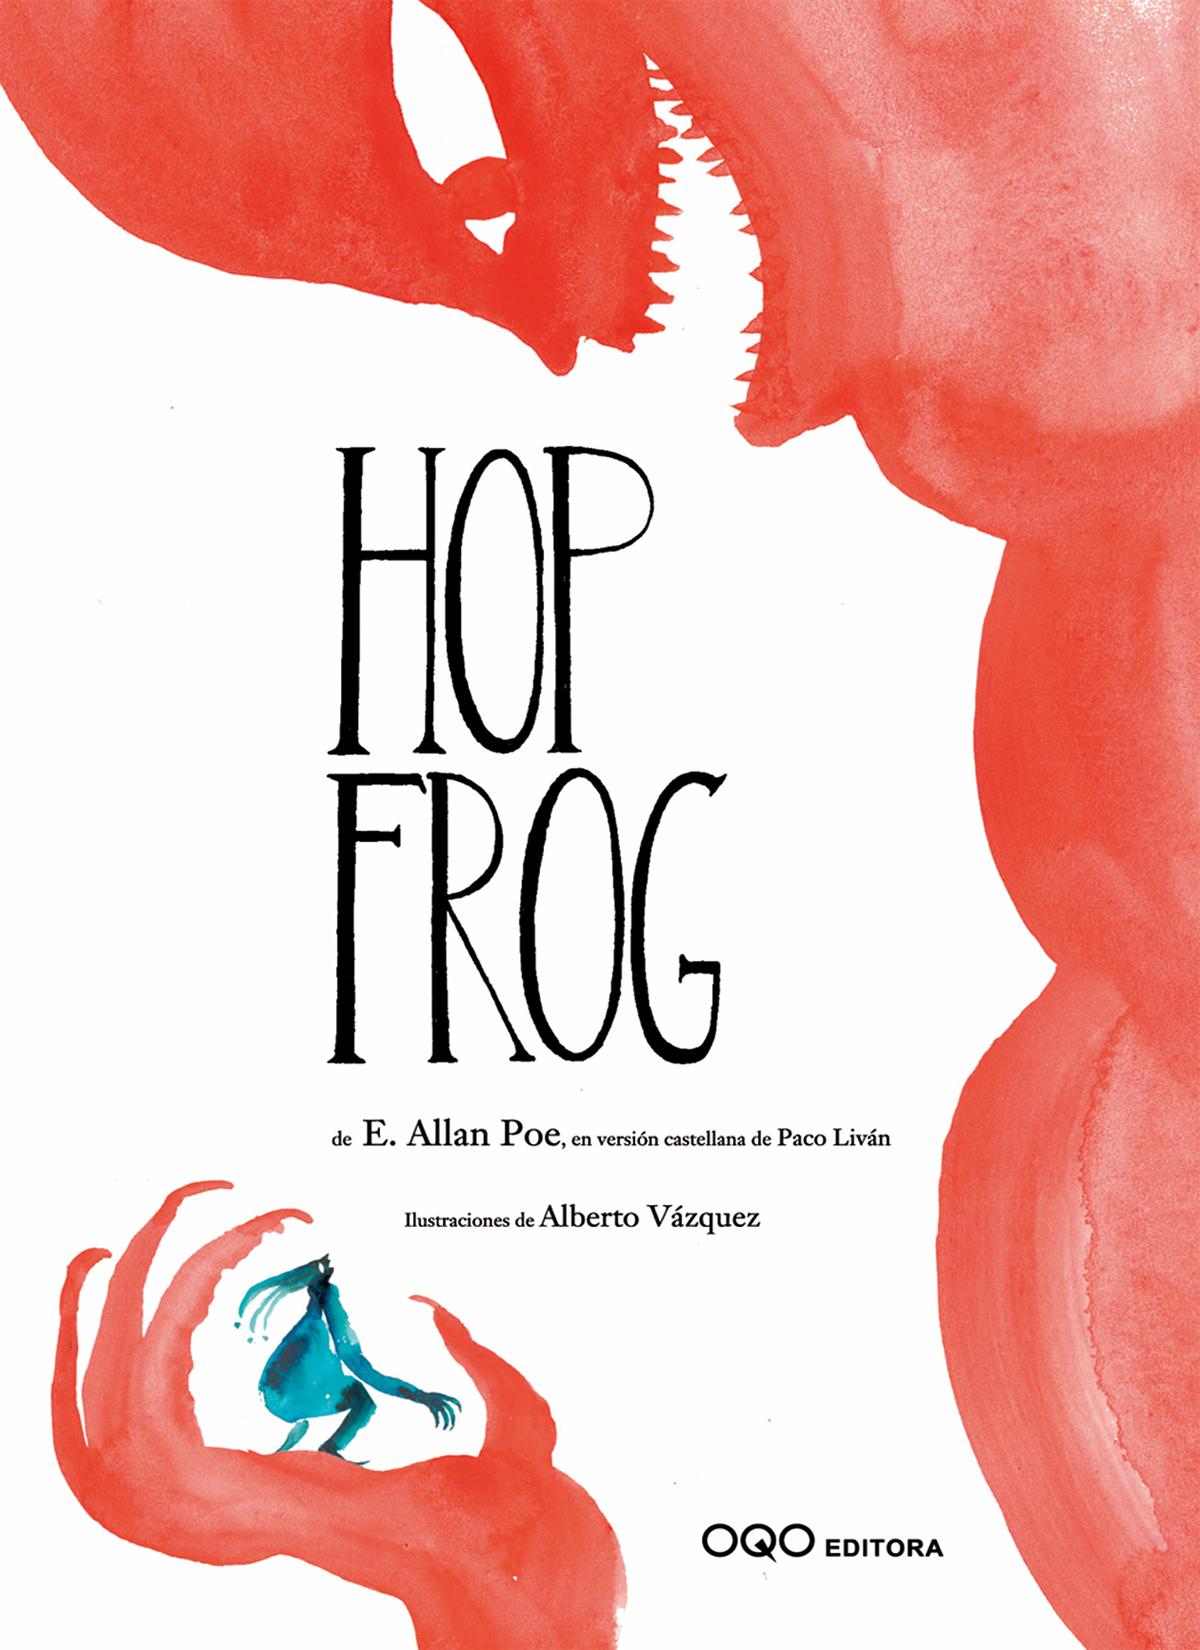 http://oqo.es/product/hop-frog/